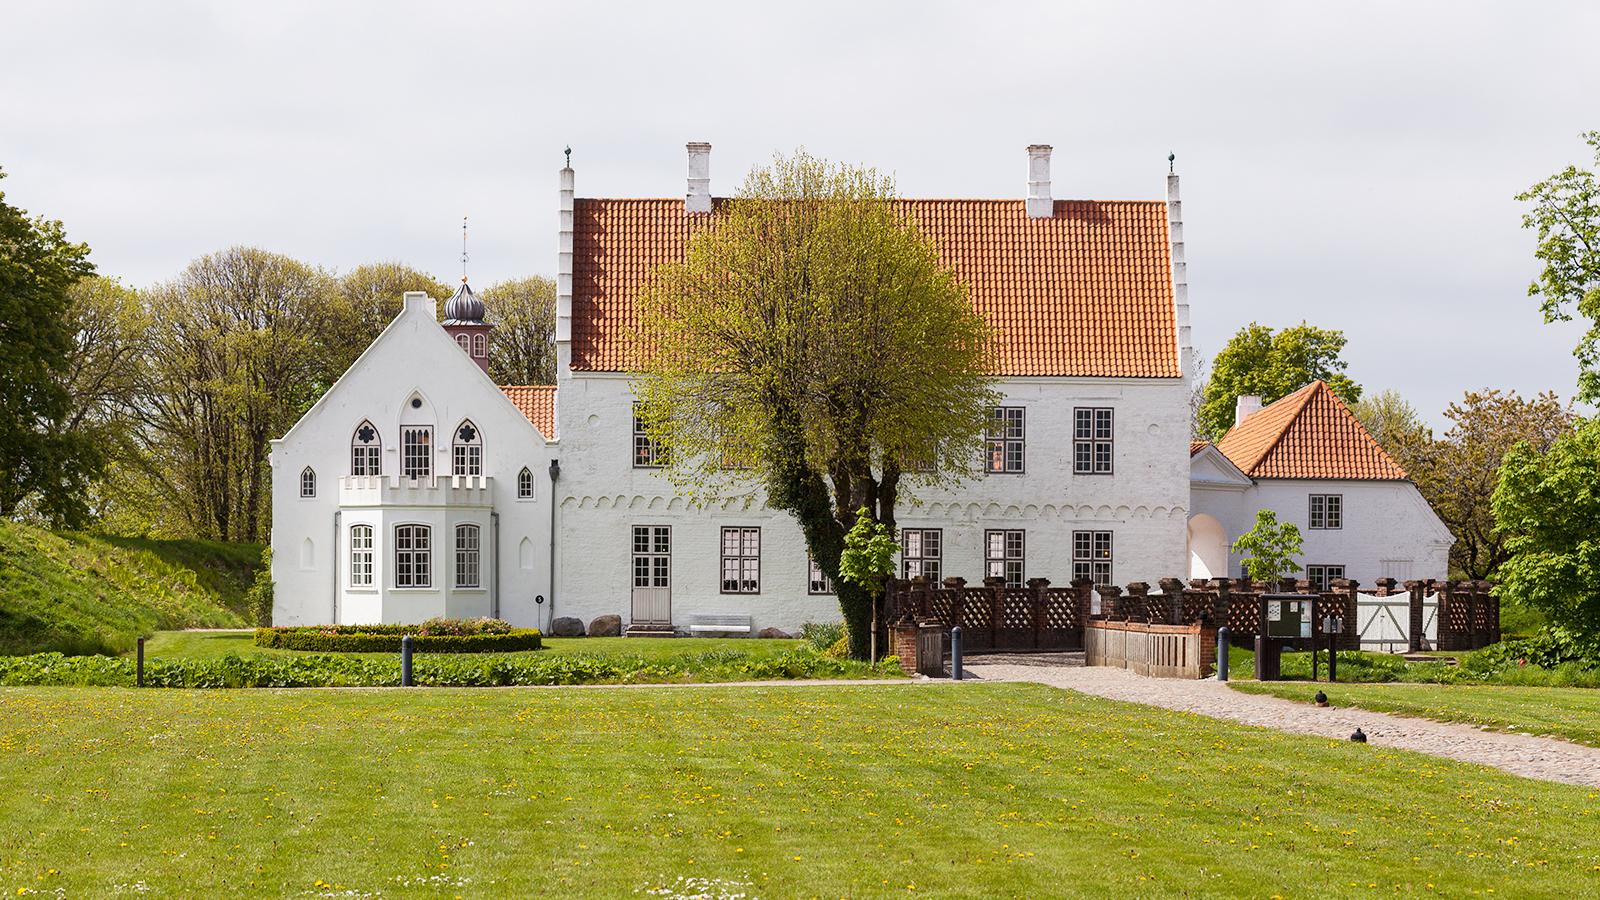 Herregården Nørre Vosborg